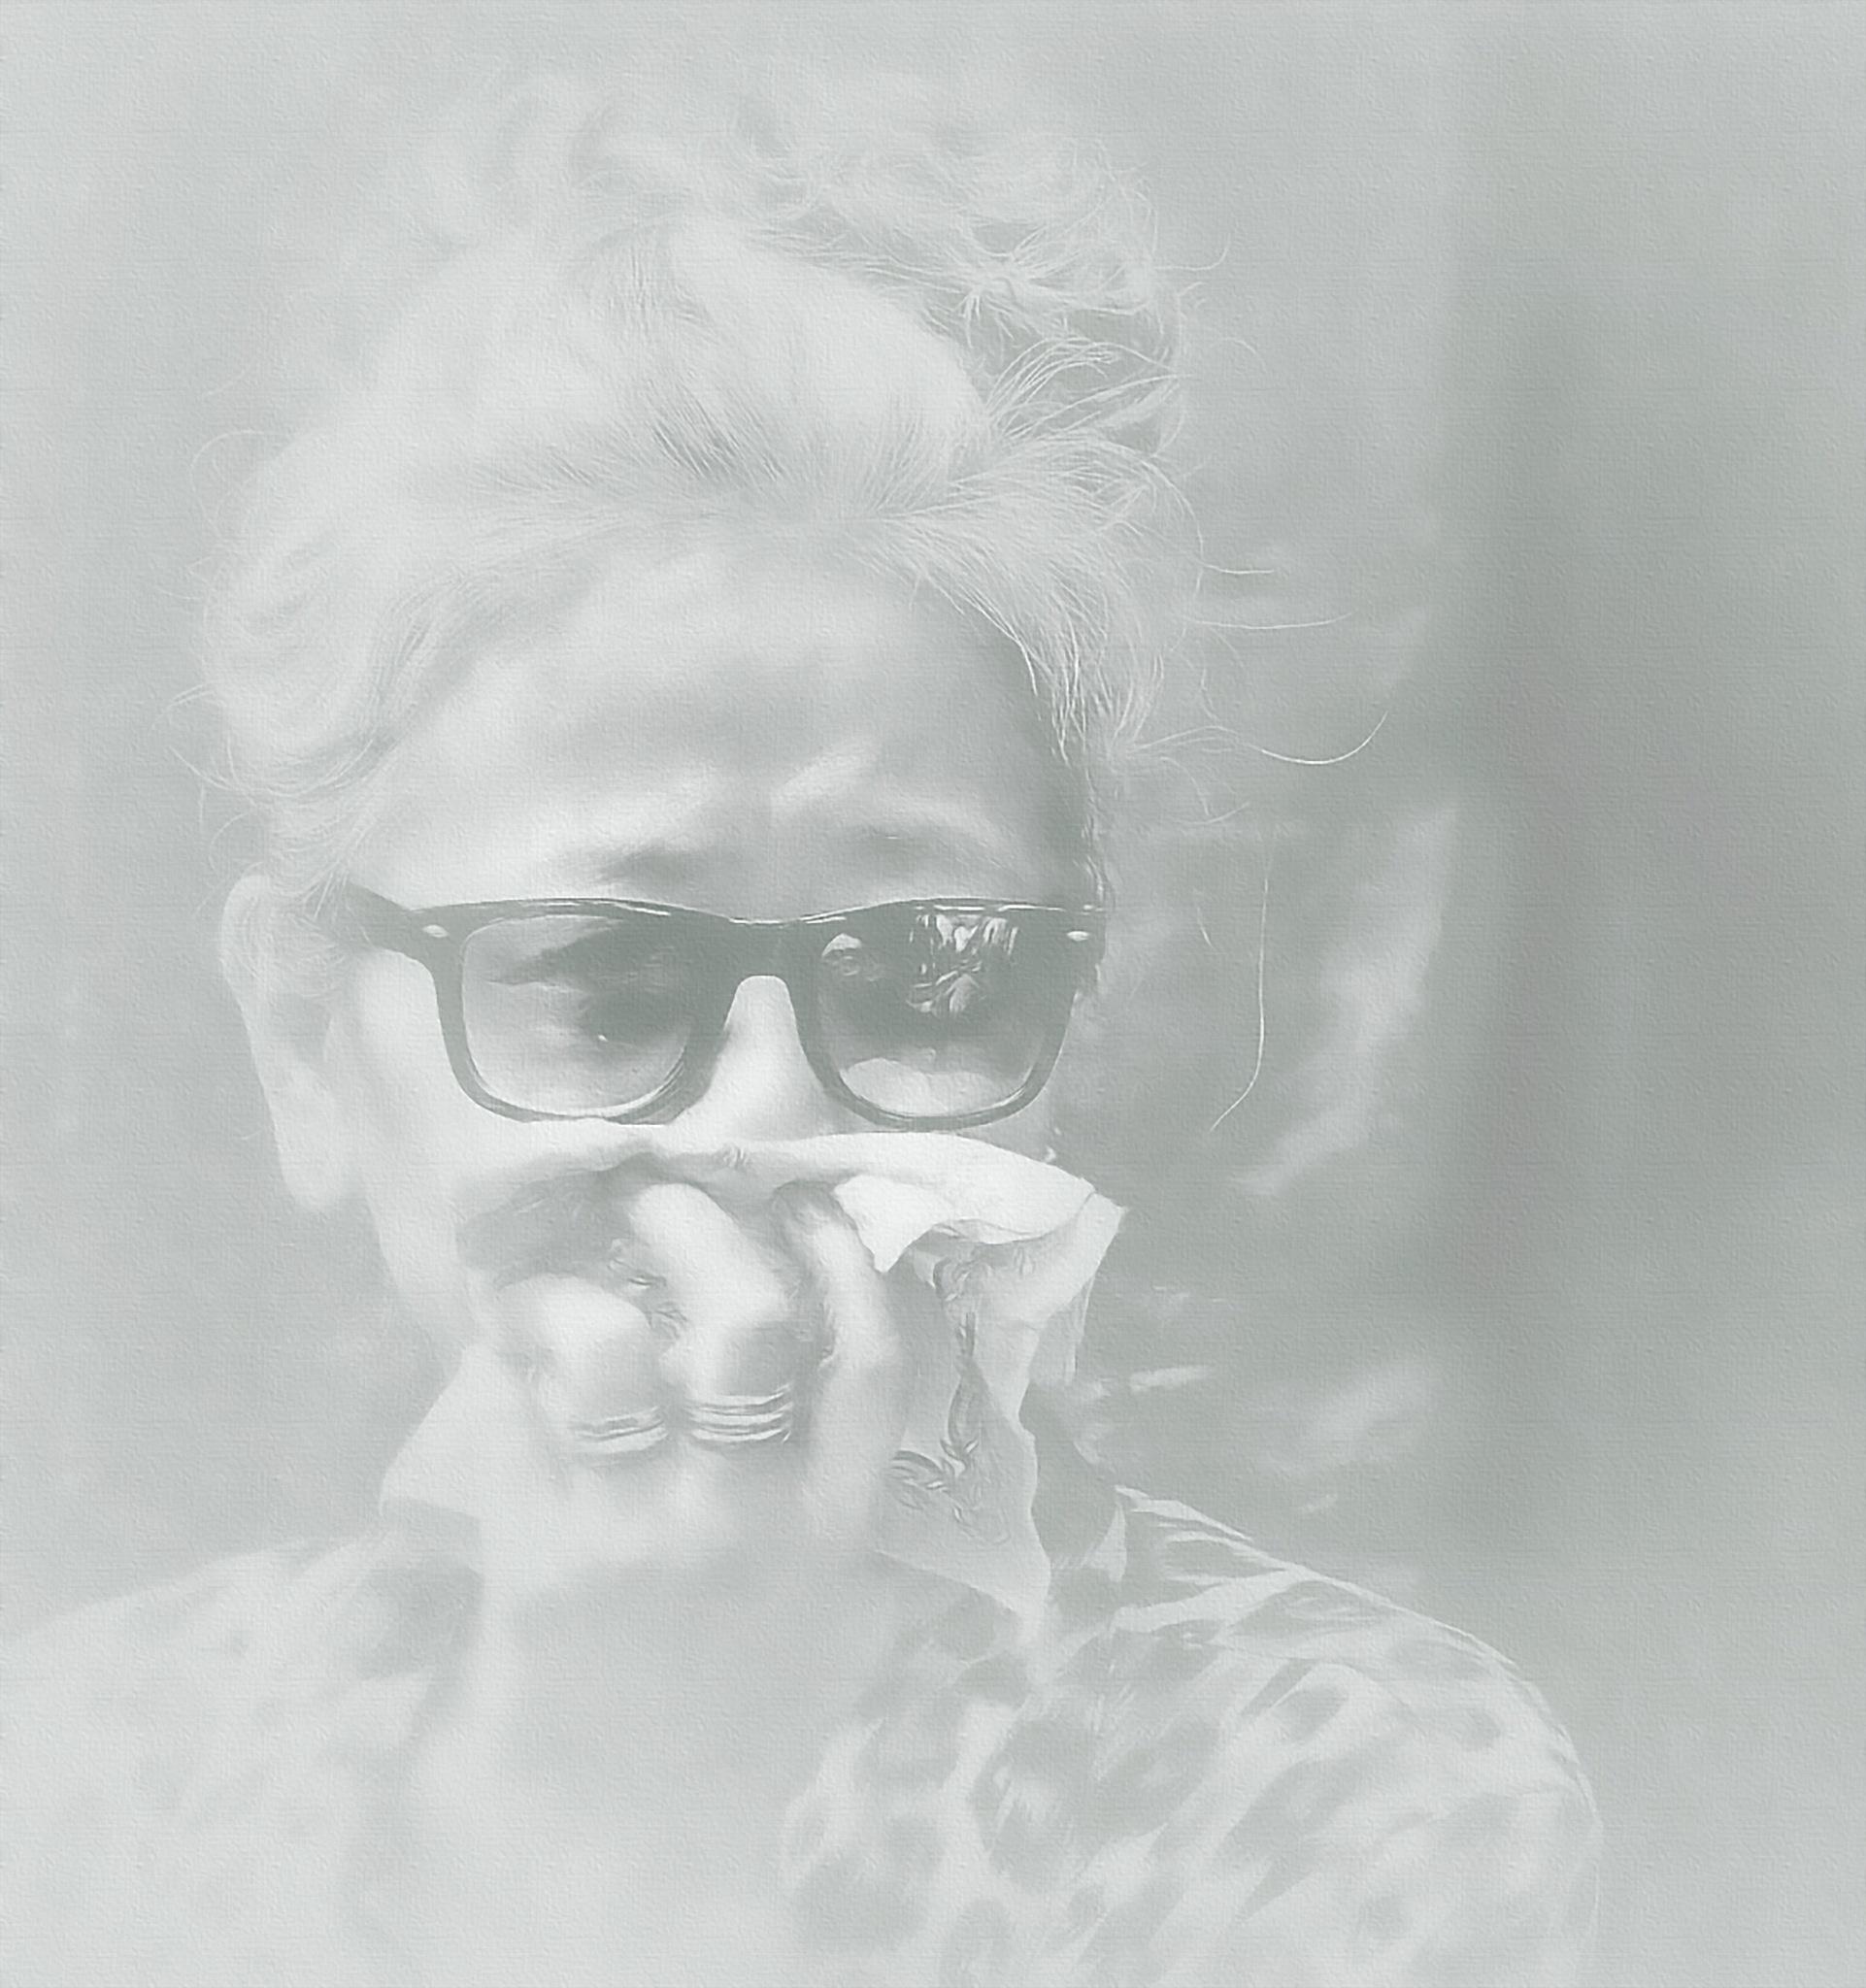 Untitled by Nishit Dey